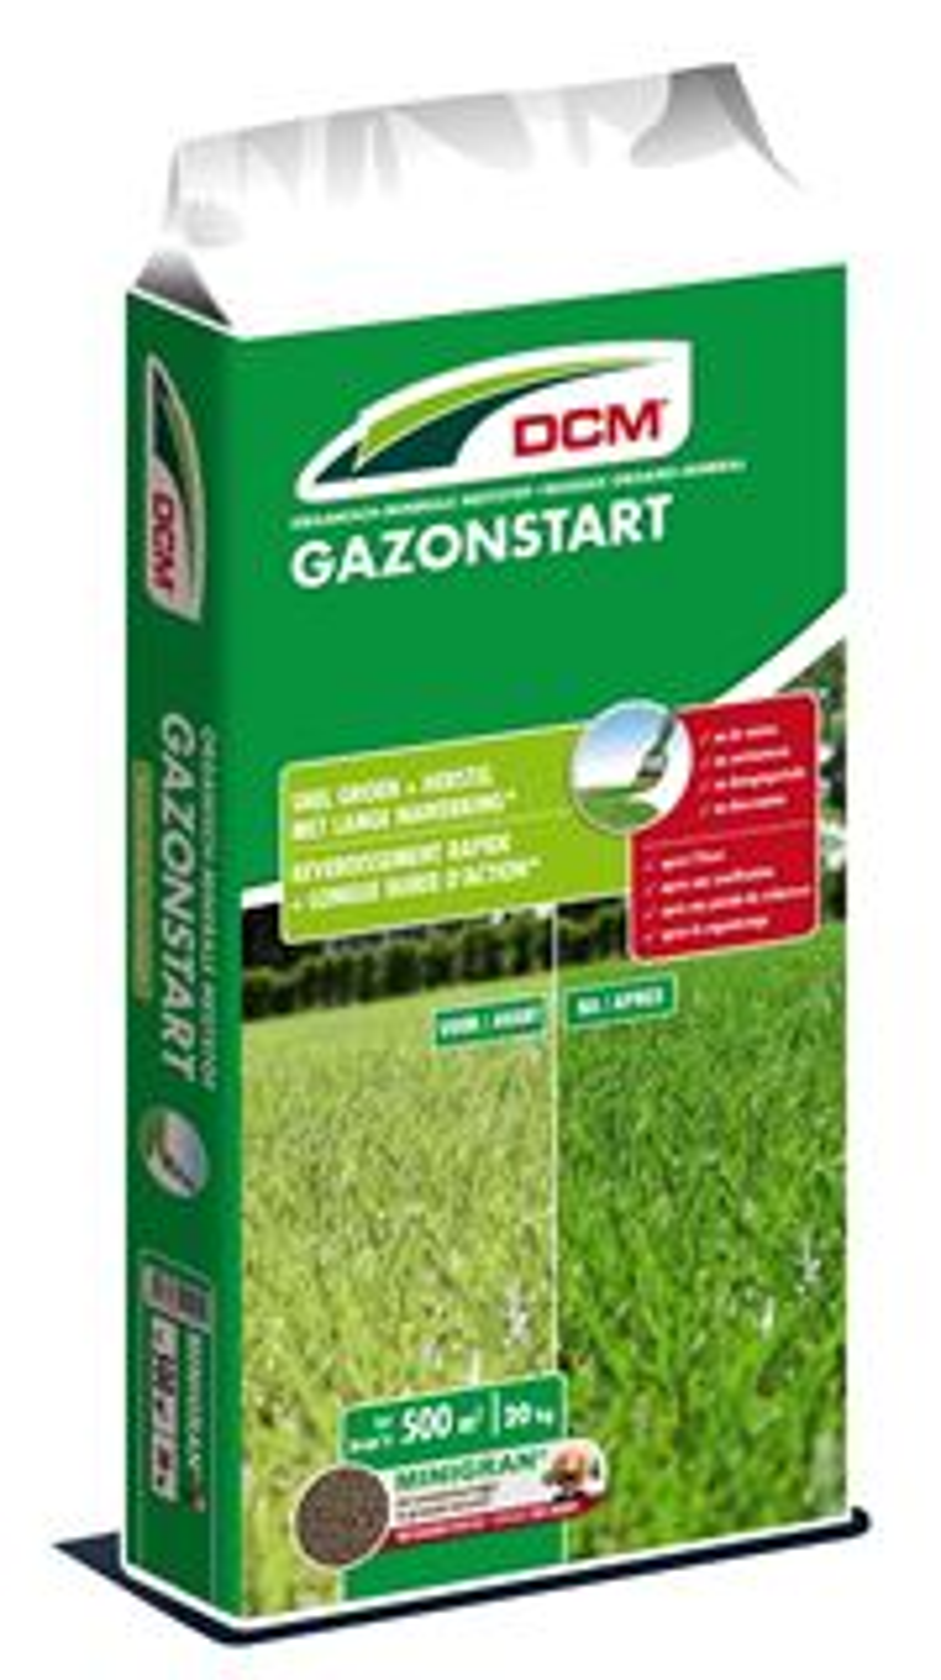 Gazonmeststof-gazonstart-20kg-Gazonopkikker-voor-snel-herstel-NPK-12-3-3-2-MgO